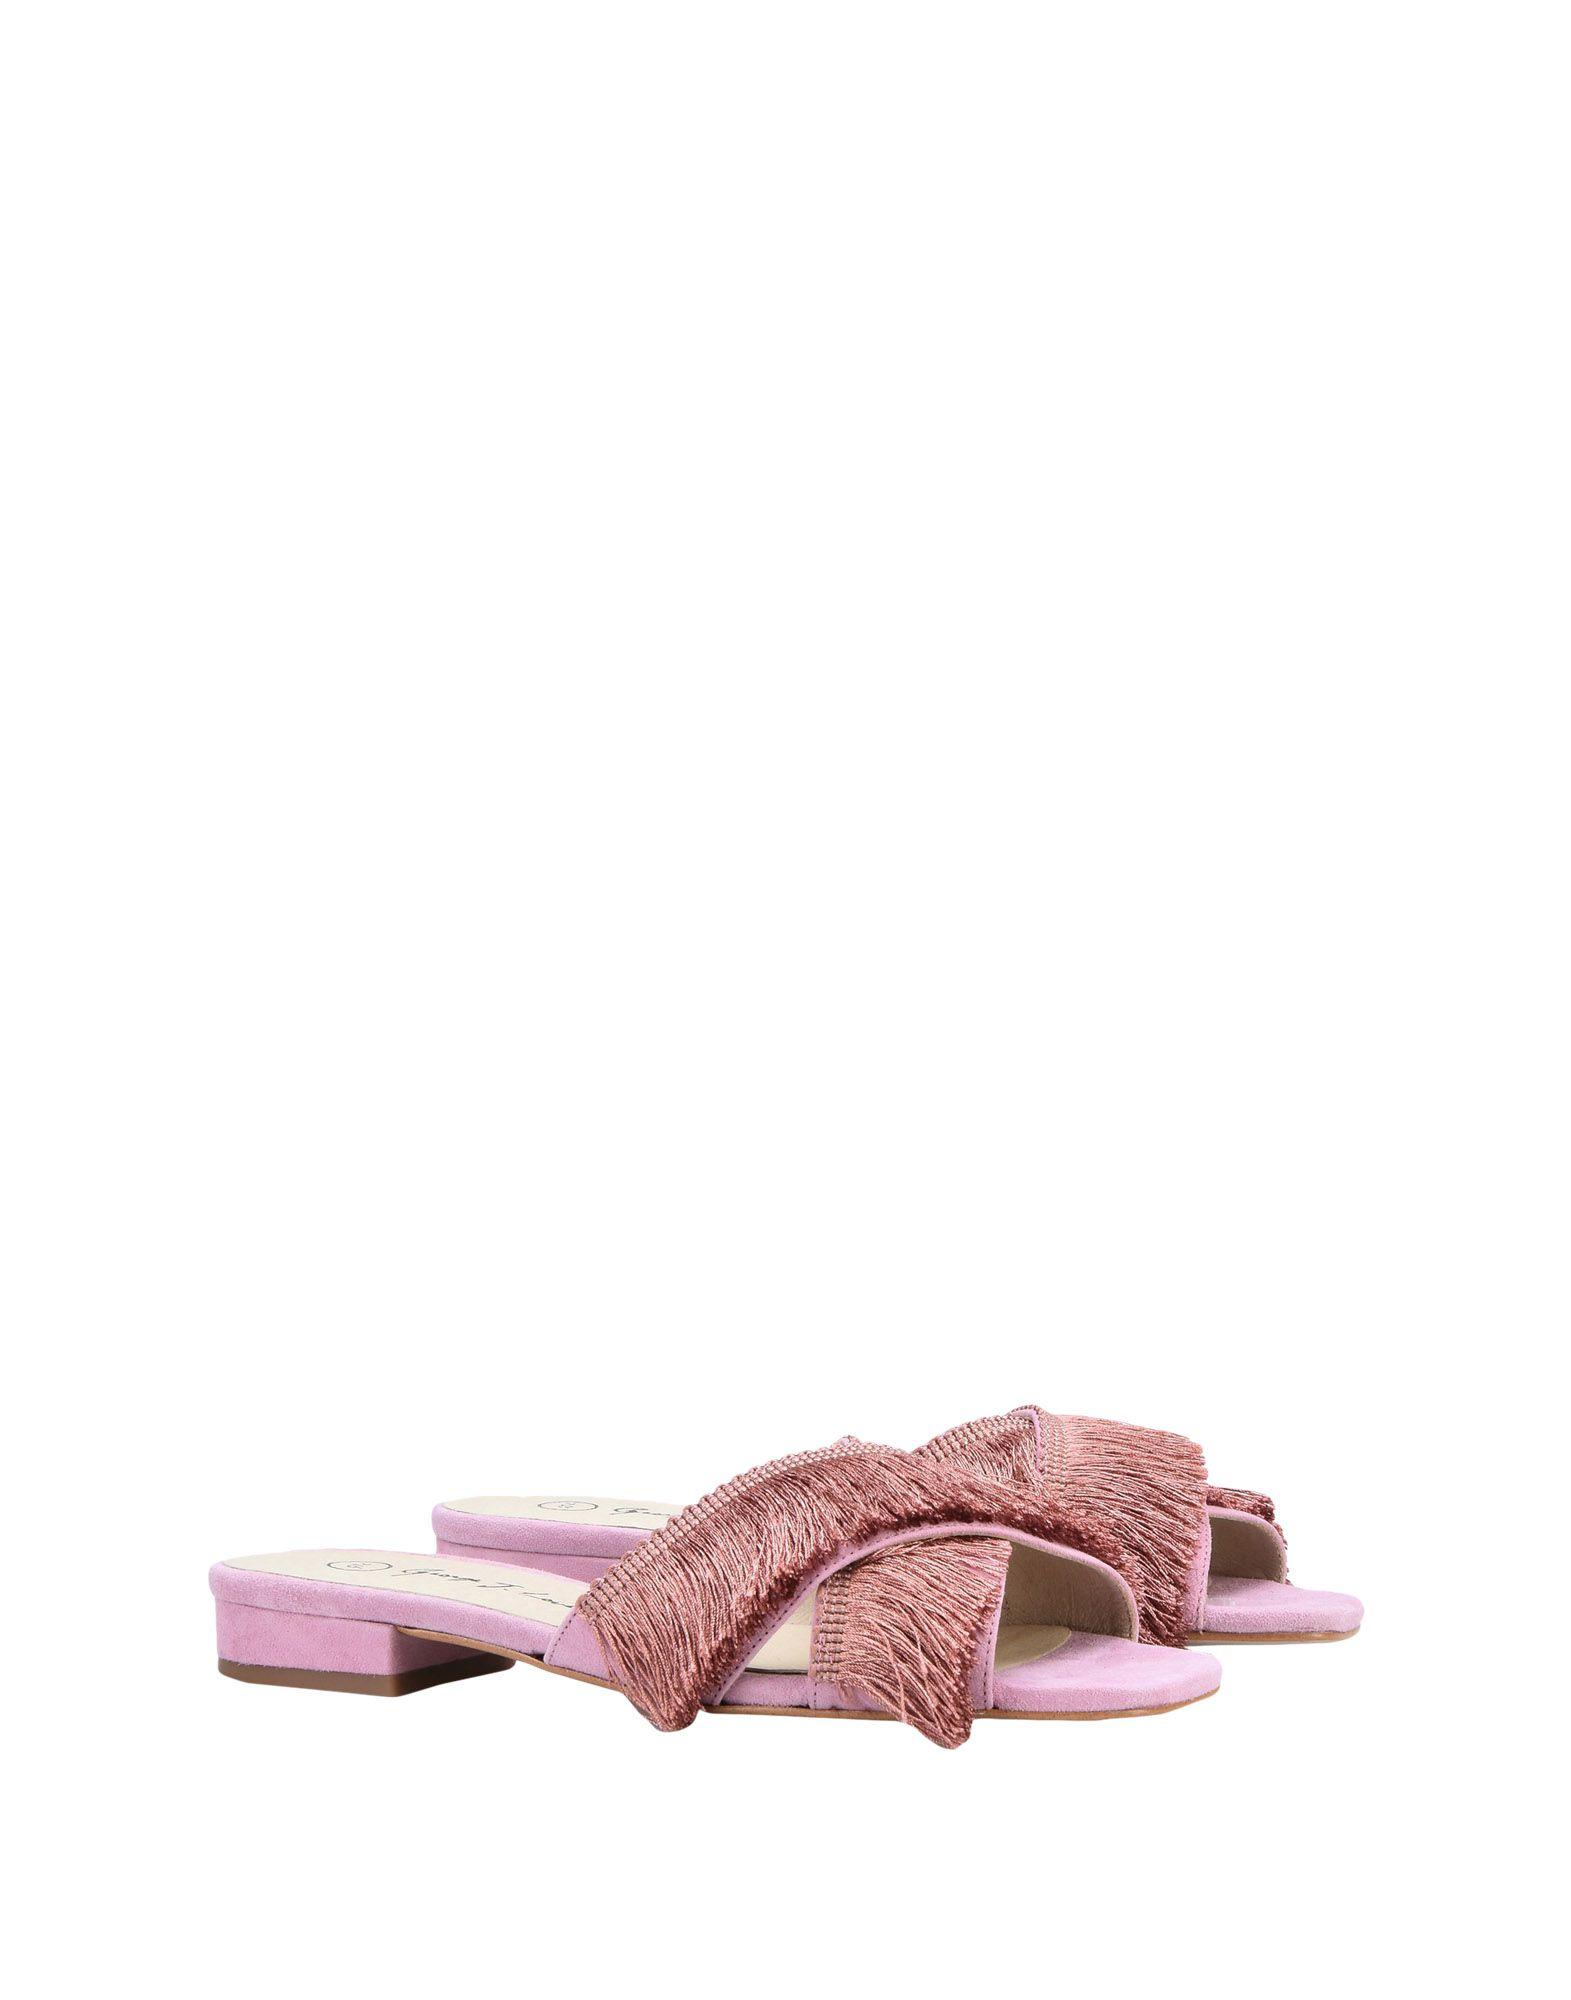 George J. Love Sandalen Damen  11456516JV Gute Qualität beliebte Schuhe